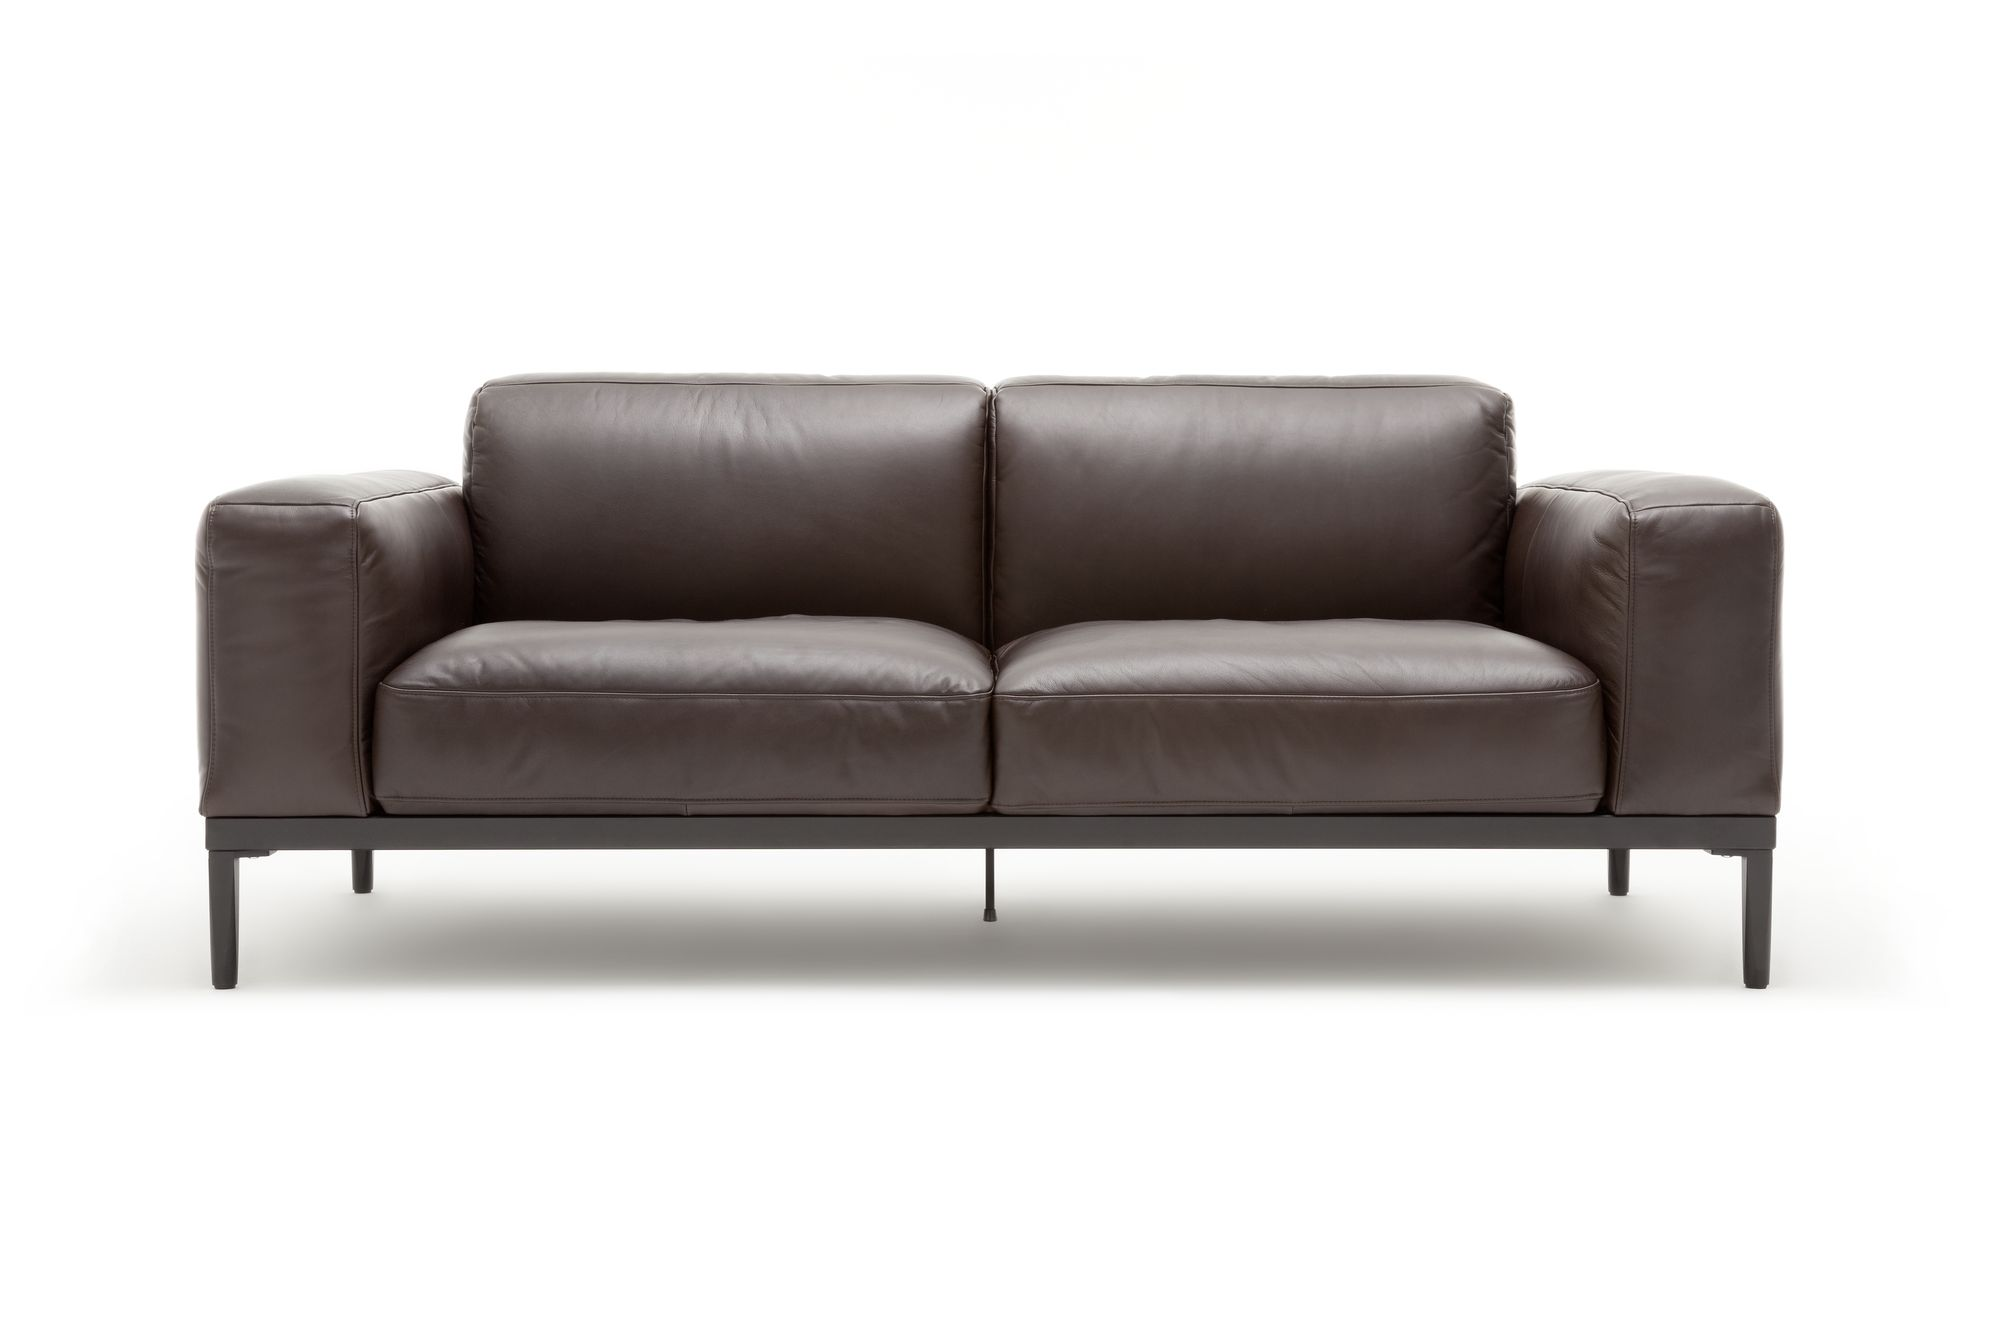 freistil 167 rolf benz sofa im dunkelbraunen leder. Black Bedroom Furniture Sets. Home Design Ideas